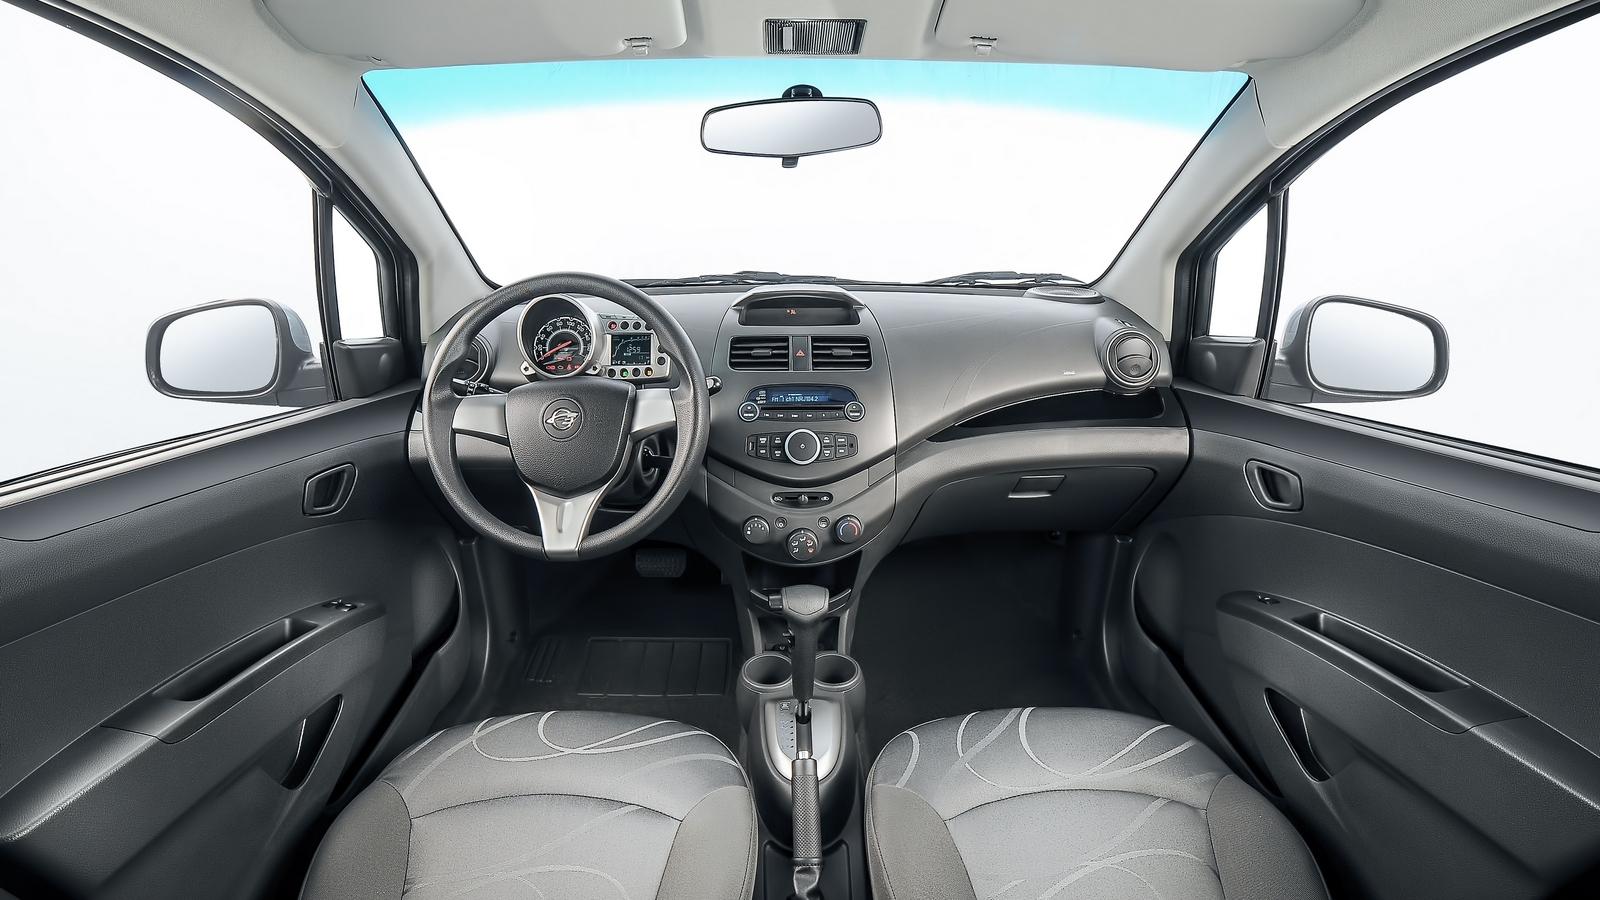 Самые дешевые машины с автоматом в 2018 году - Колеса.ру 3b2fe56f2e4